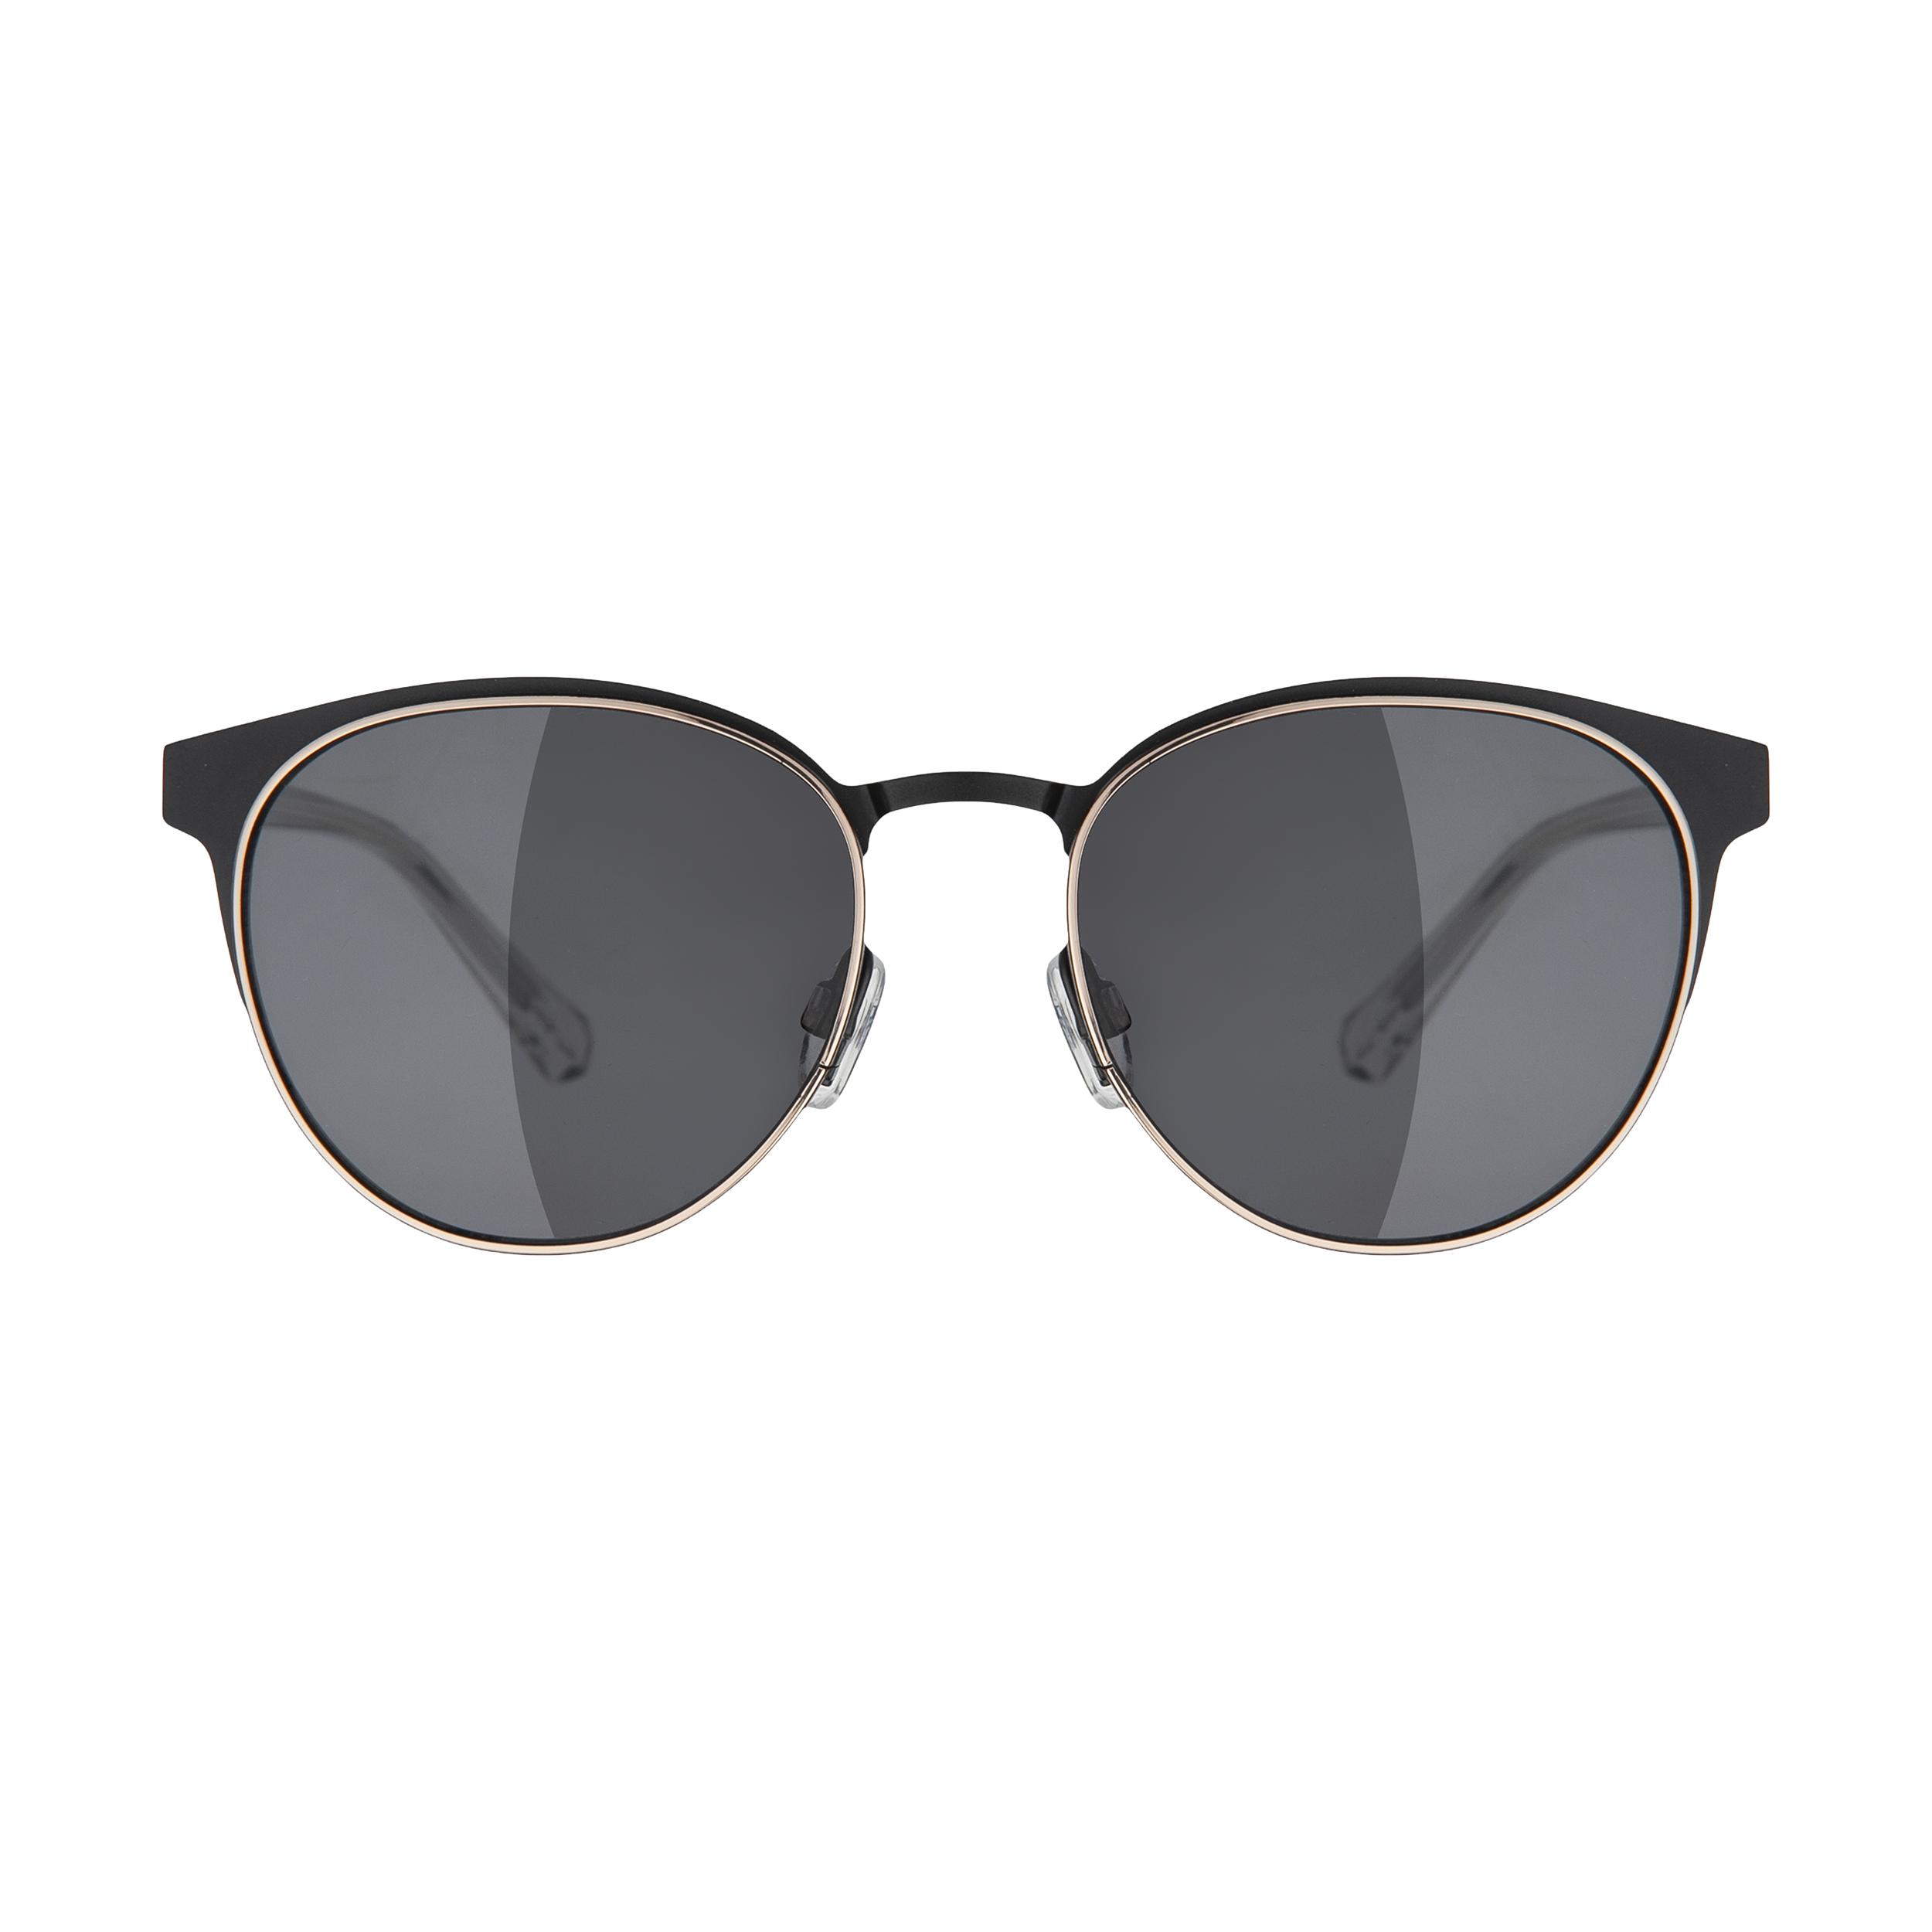 عینک آفتابی زنانه تد بیکر مدل TB 1525 OO1